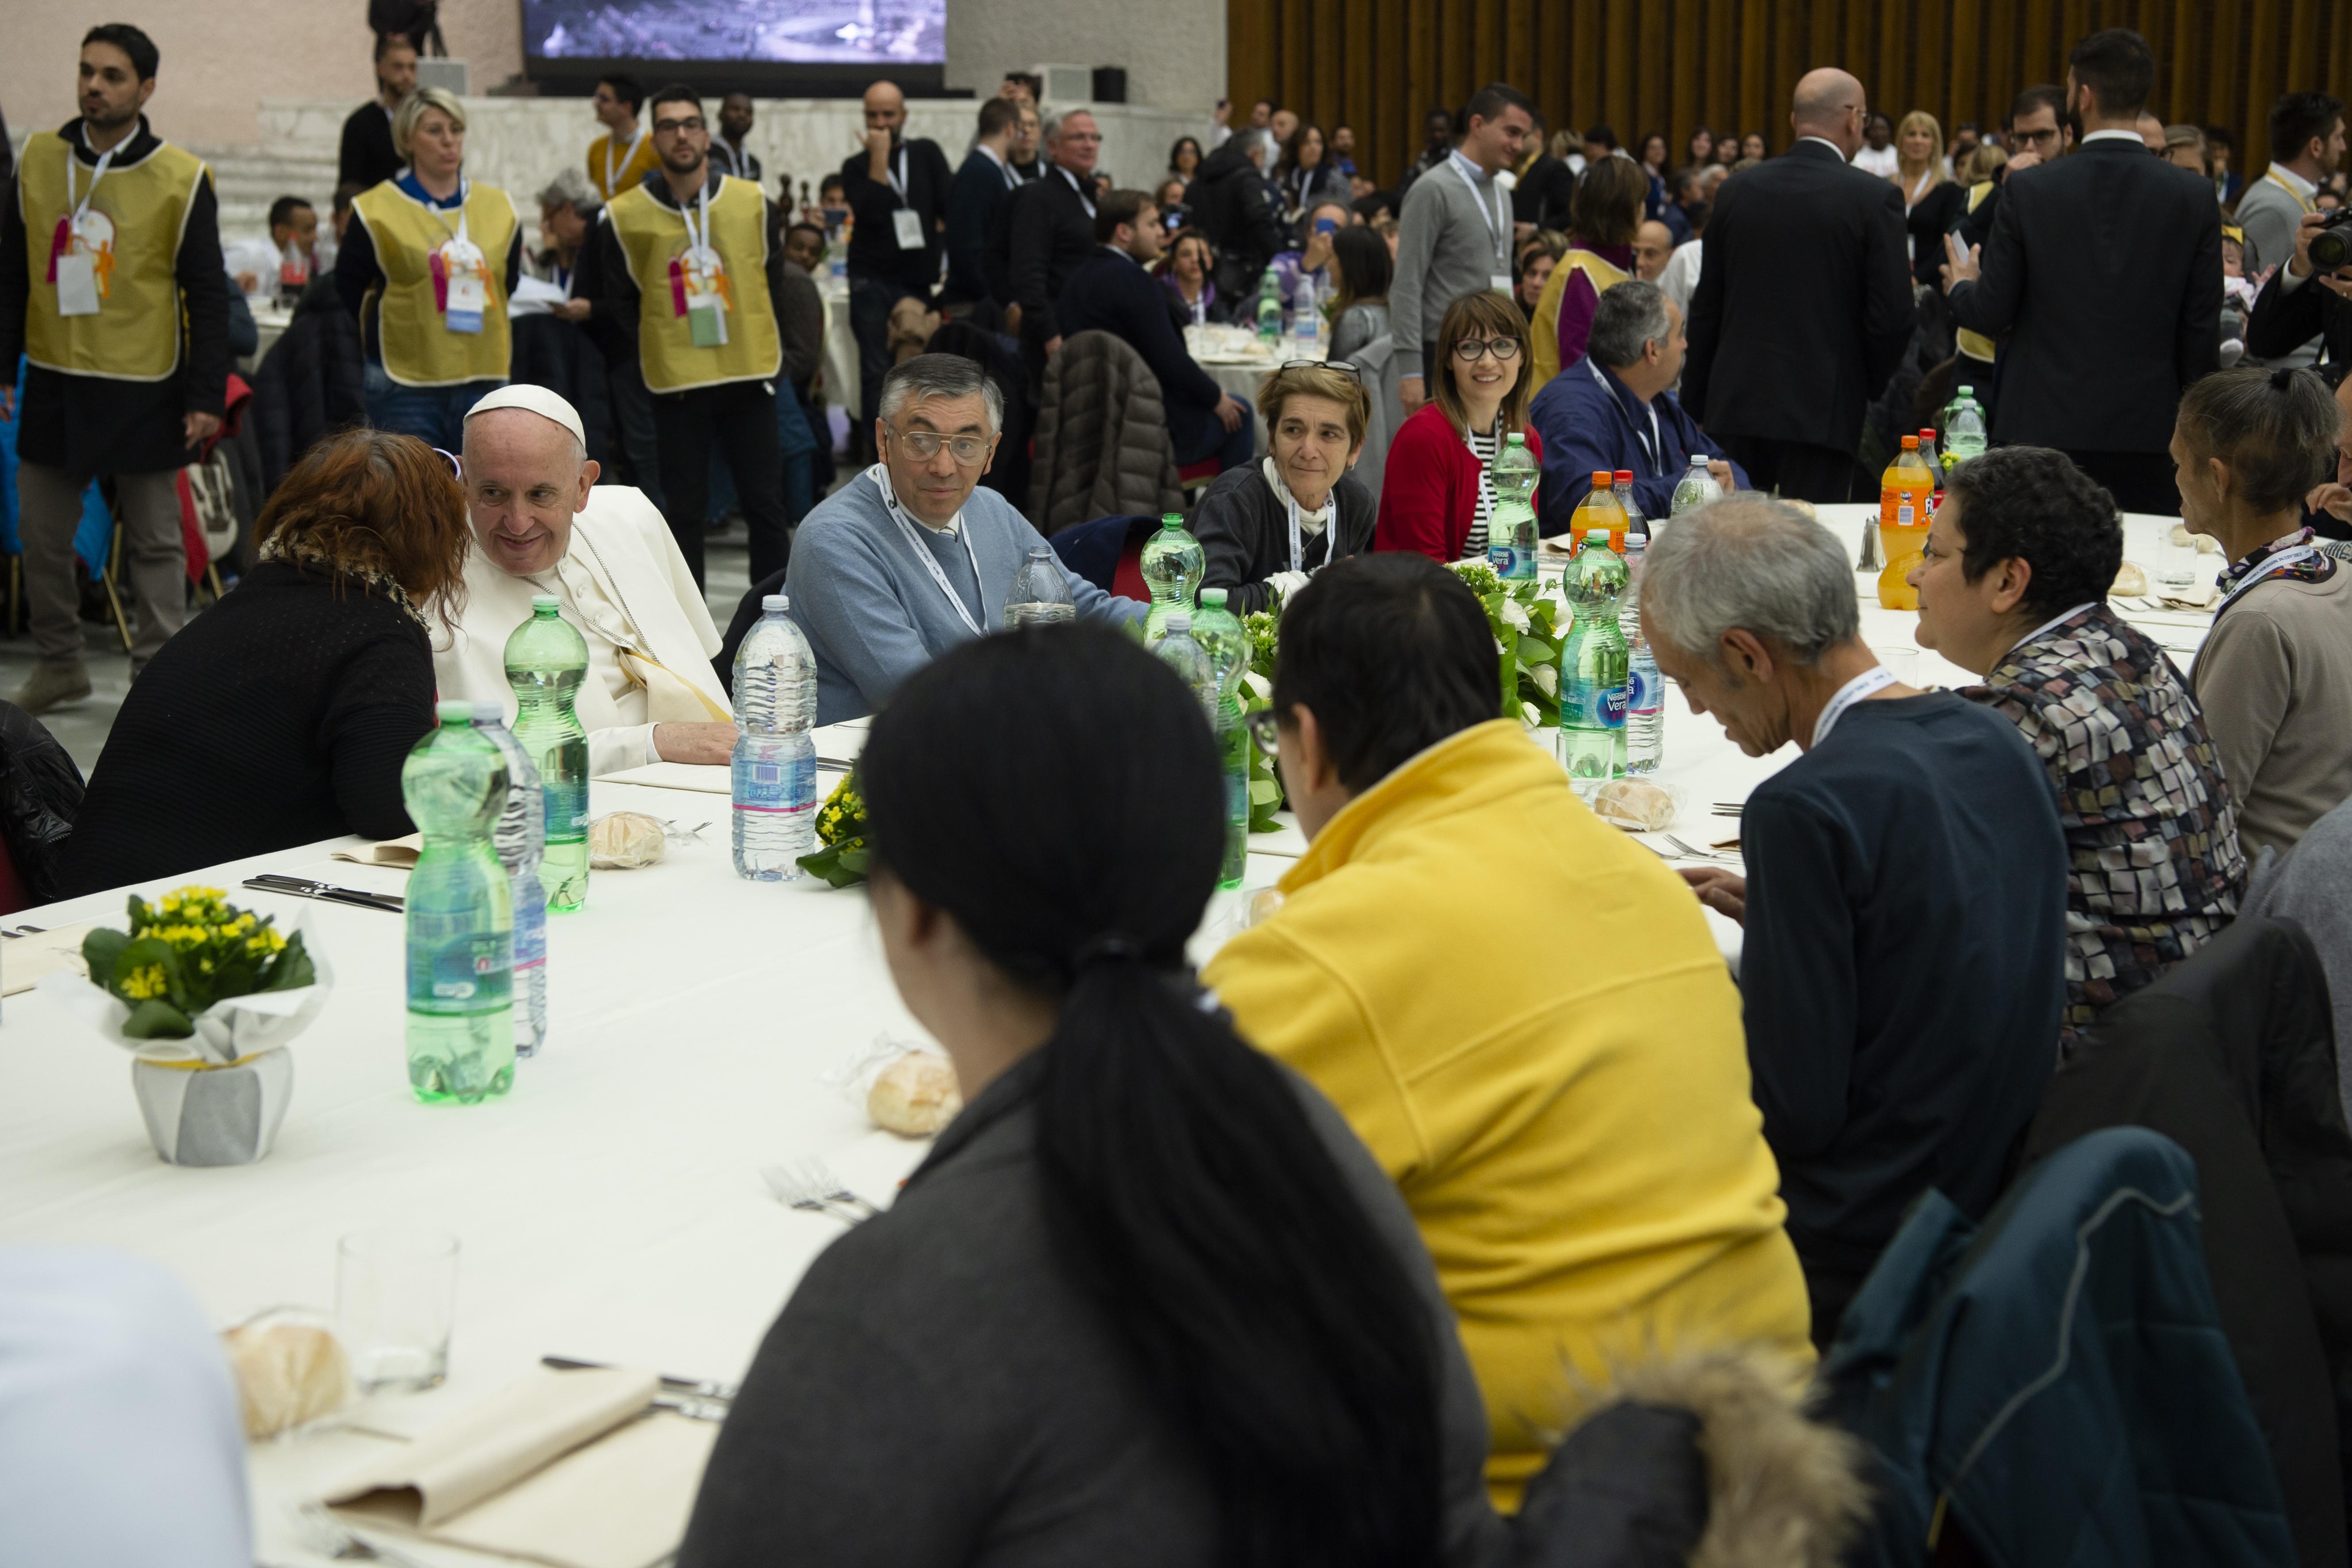 Almuerzo del Papa con los pobres © Vatican Media